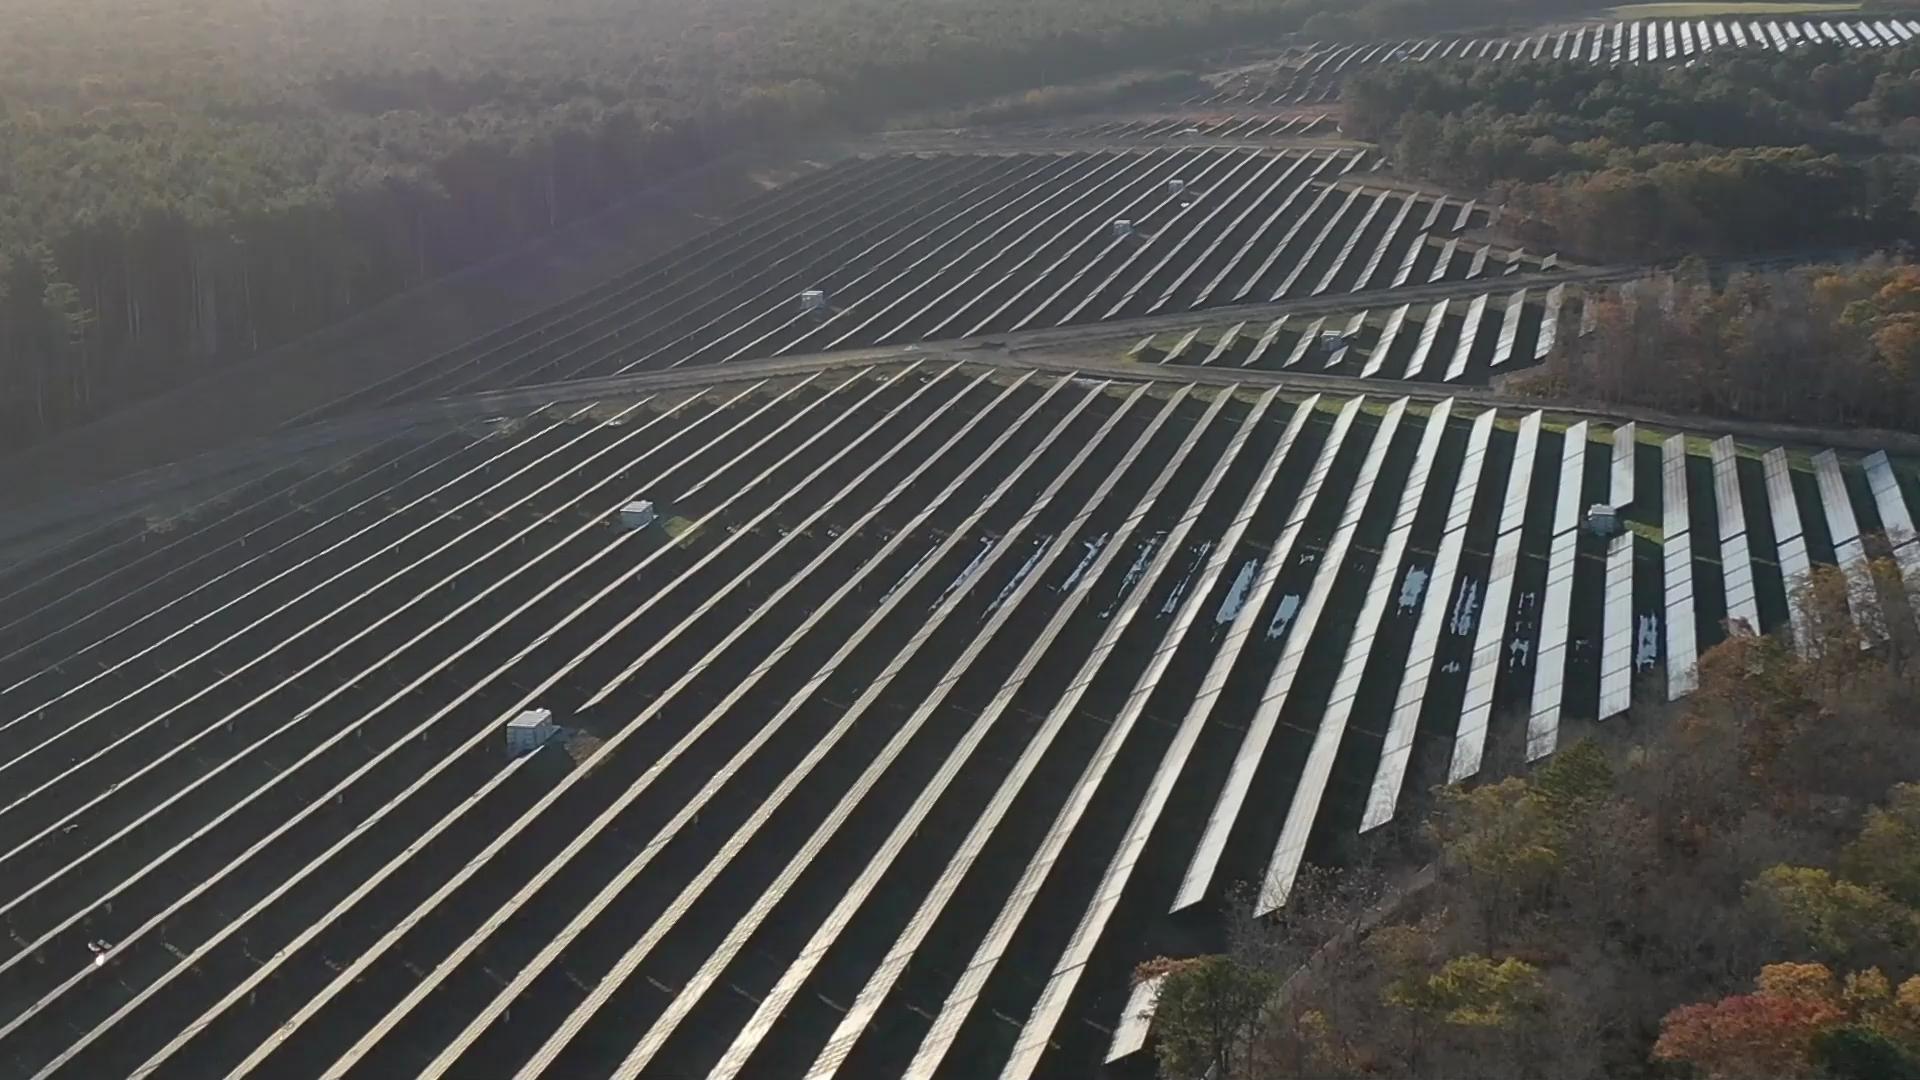 바나듐 레독스흐름전지(VRFB) 에너지저장장치(ESS) 대표 이미지